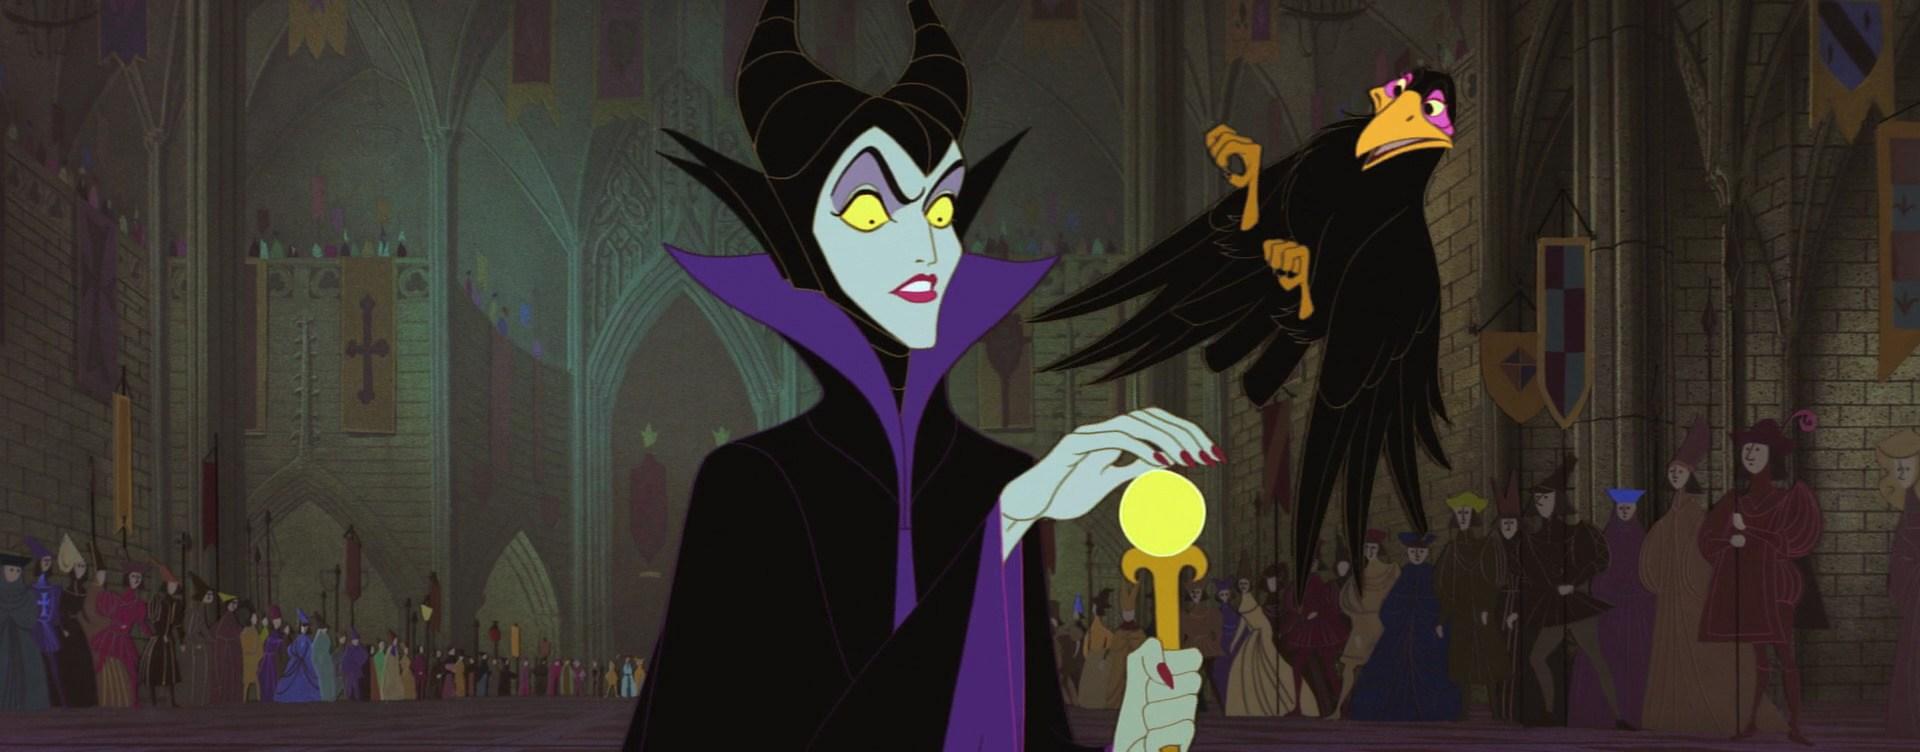 10 vilões da Disney que estavam certos o tempo todo - 8